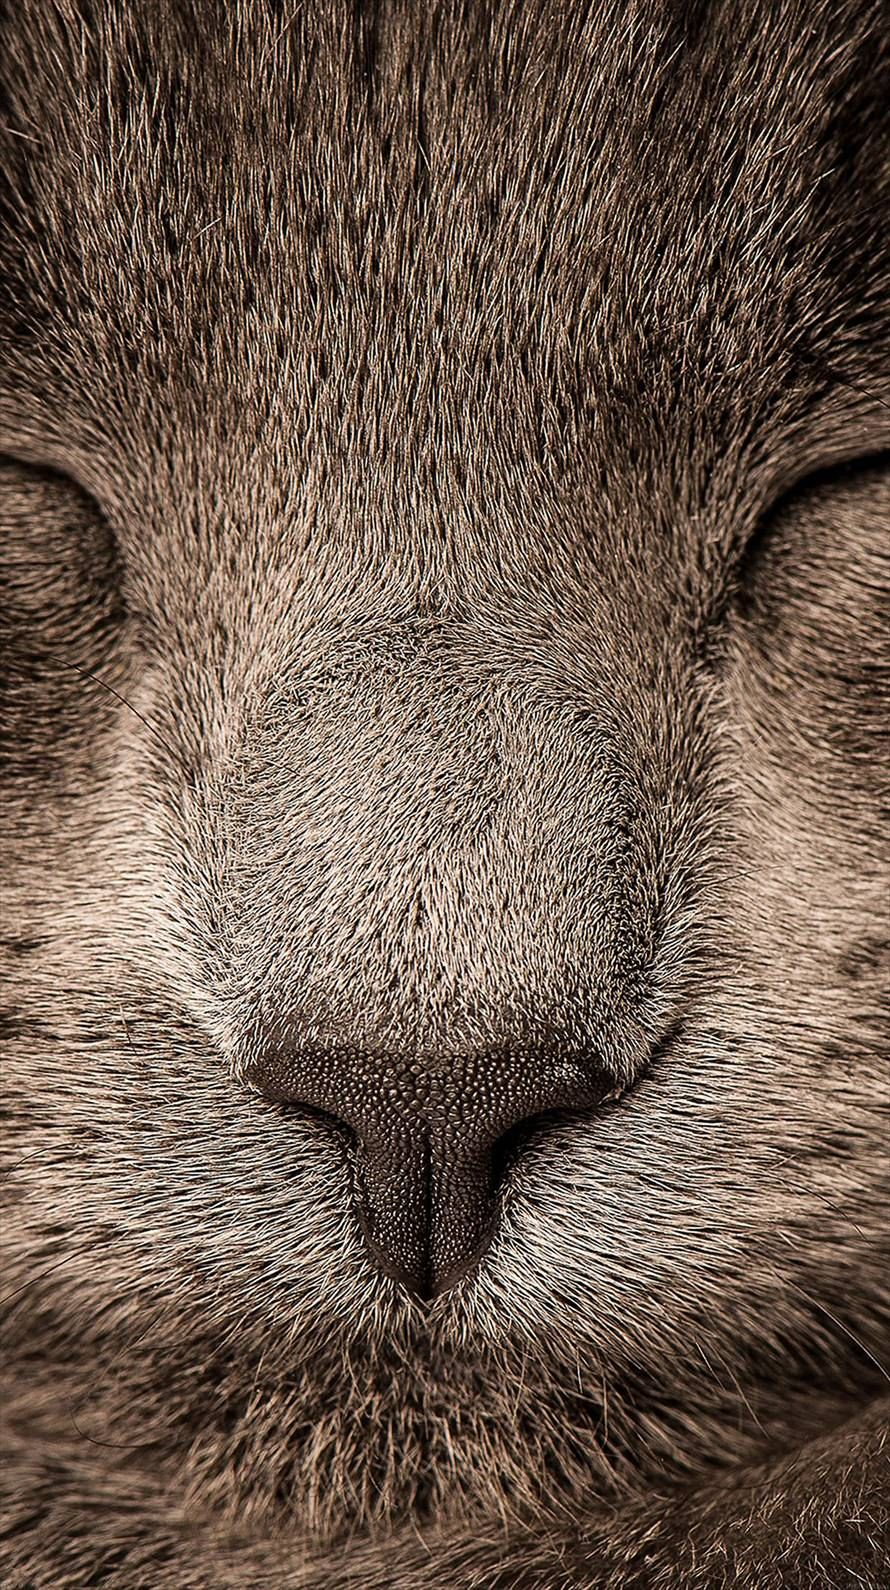 最高の壁紙 一番好き Iphone6 壁紙 猫 Earth 美しい猫 猫